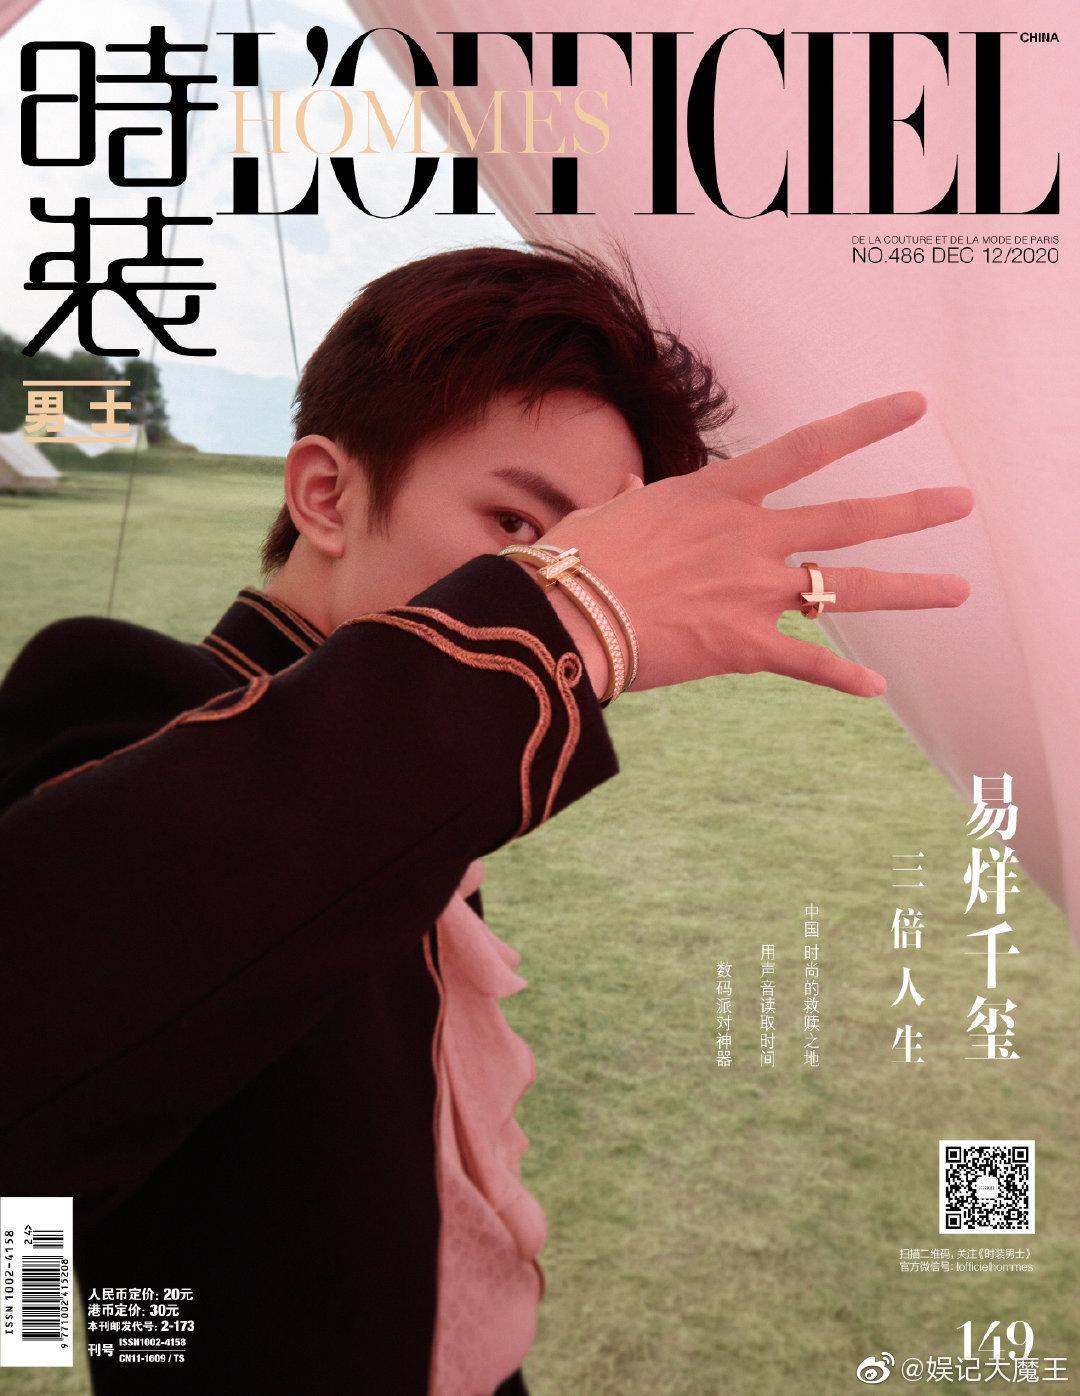 易烊千玺✖️《时装LOFFICIEL&时装男士》双刊四封20岁的首刊就拿下